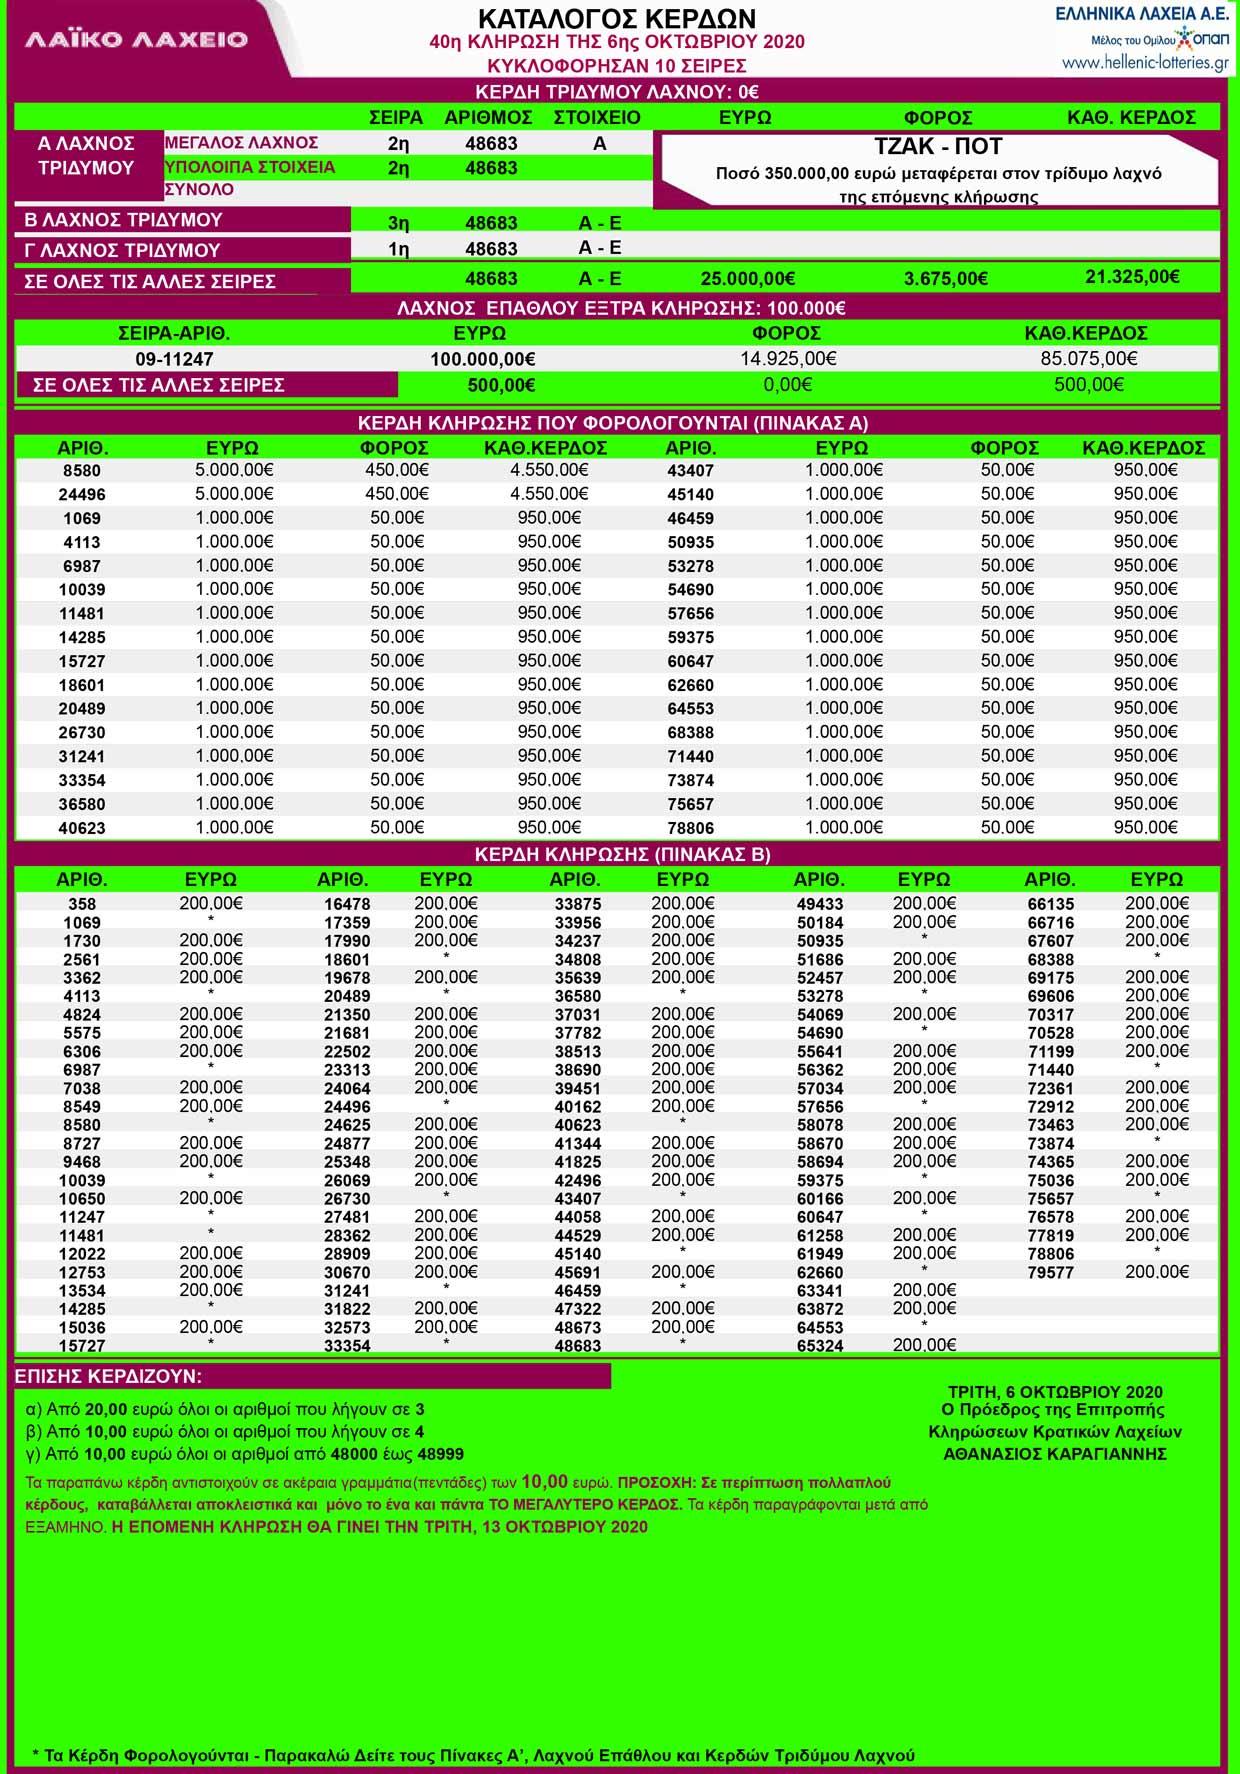 laiko-laxeio-06-10-2020-klirosh-40-apotelesmata-laiko-kerdh-06-oktovrioy-2020